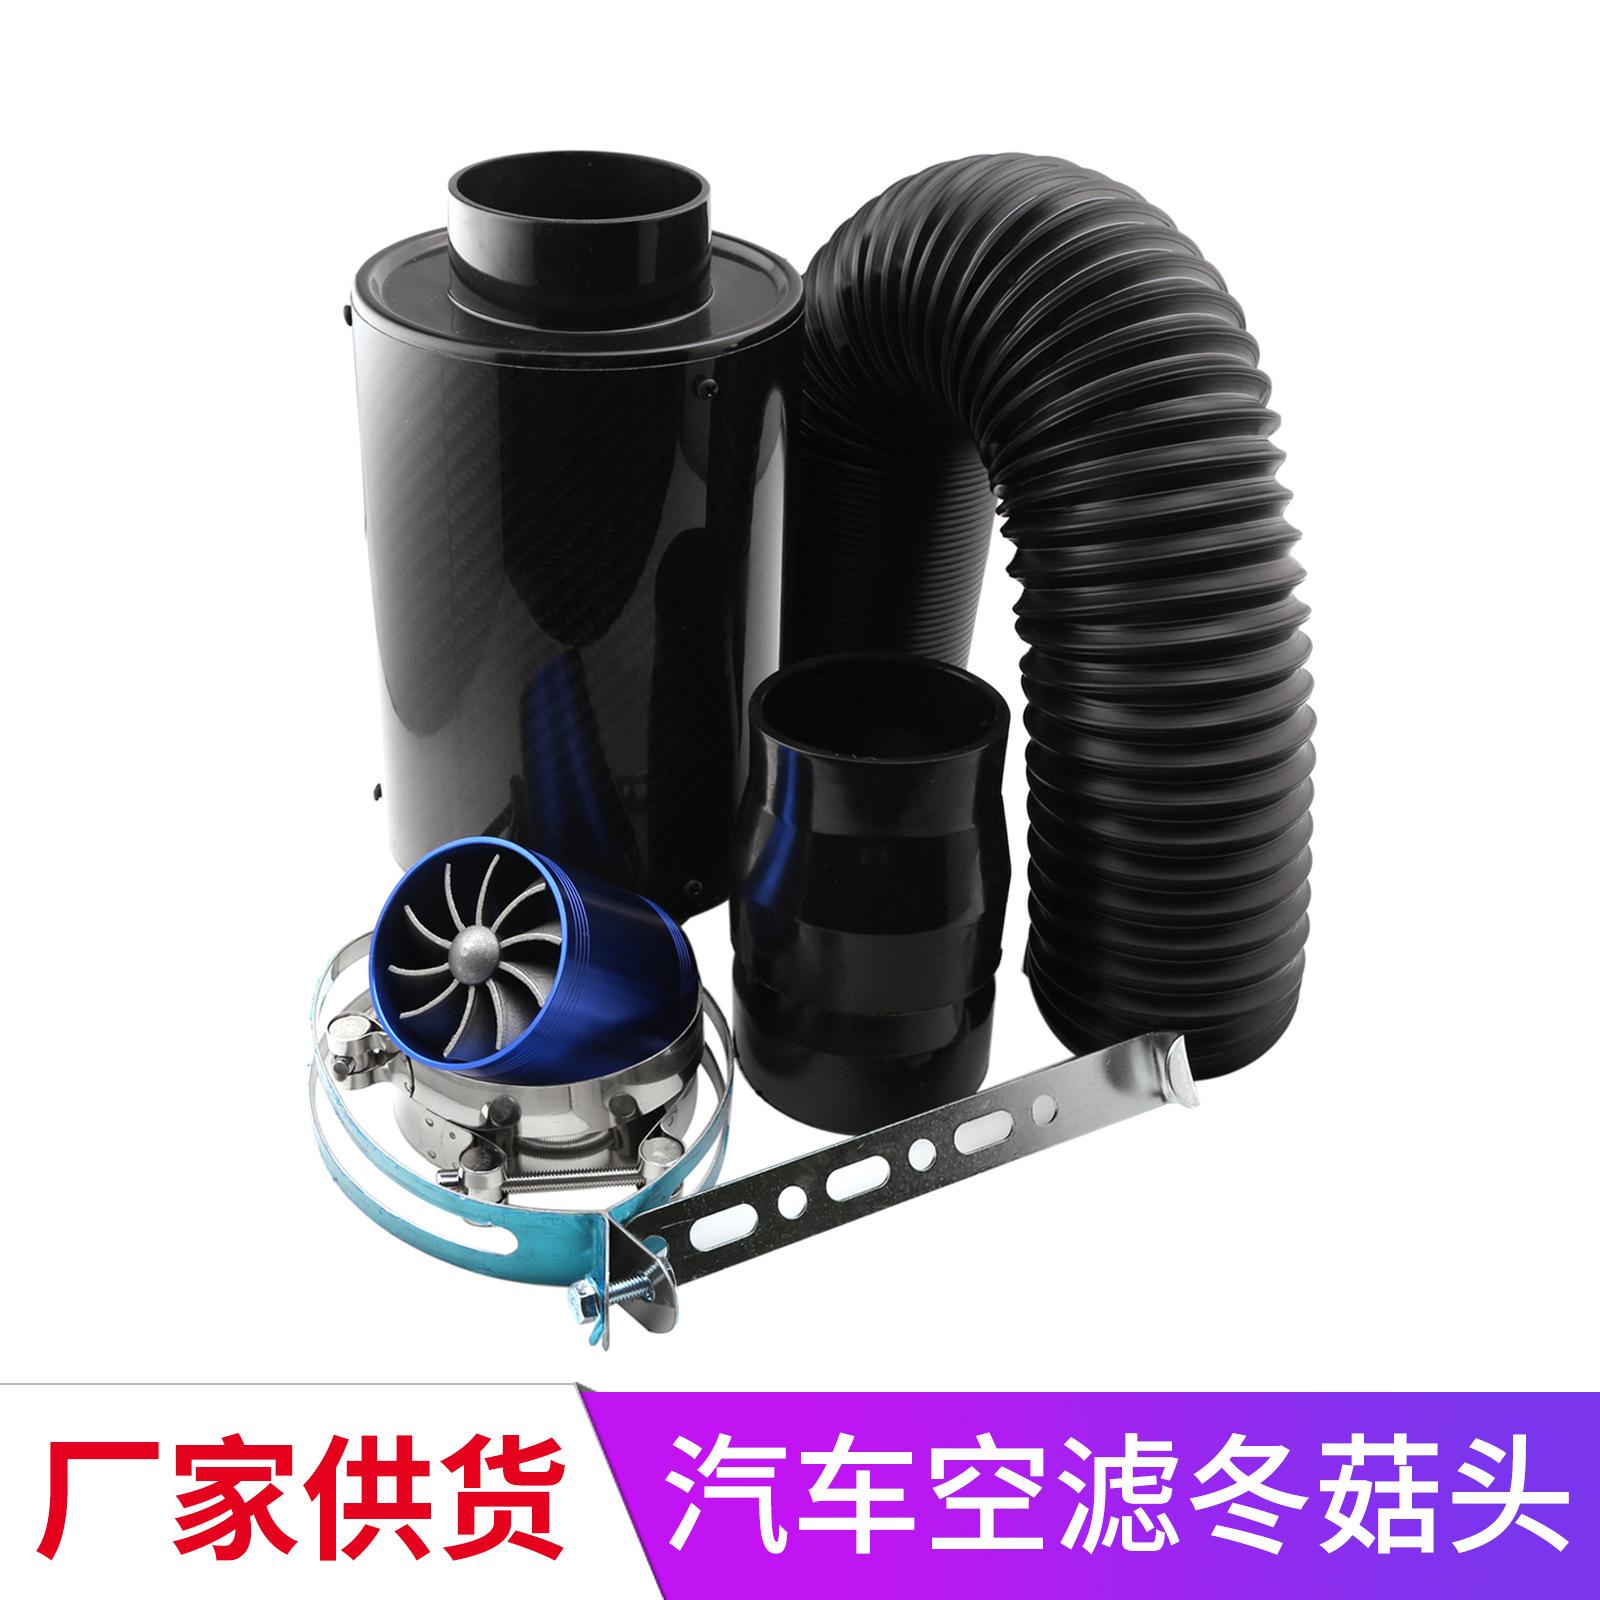 真碳纤进气风箱套装/汽车空滤冬菇头/进气改装高流量纯碳纤风箱